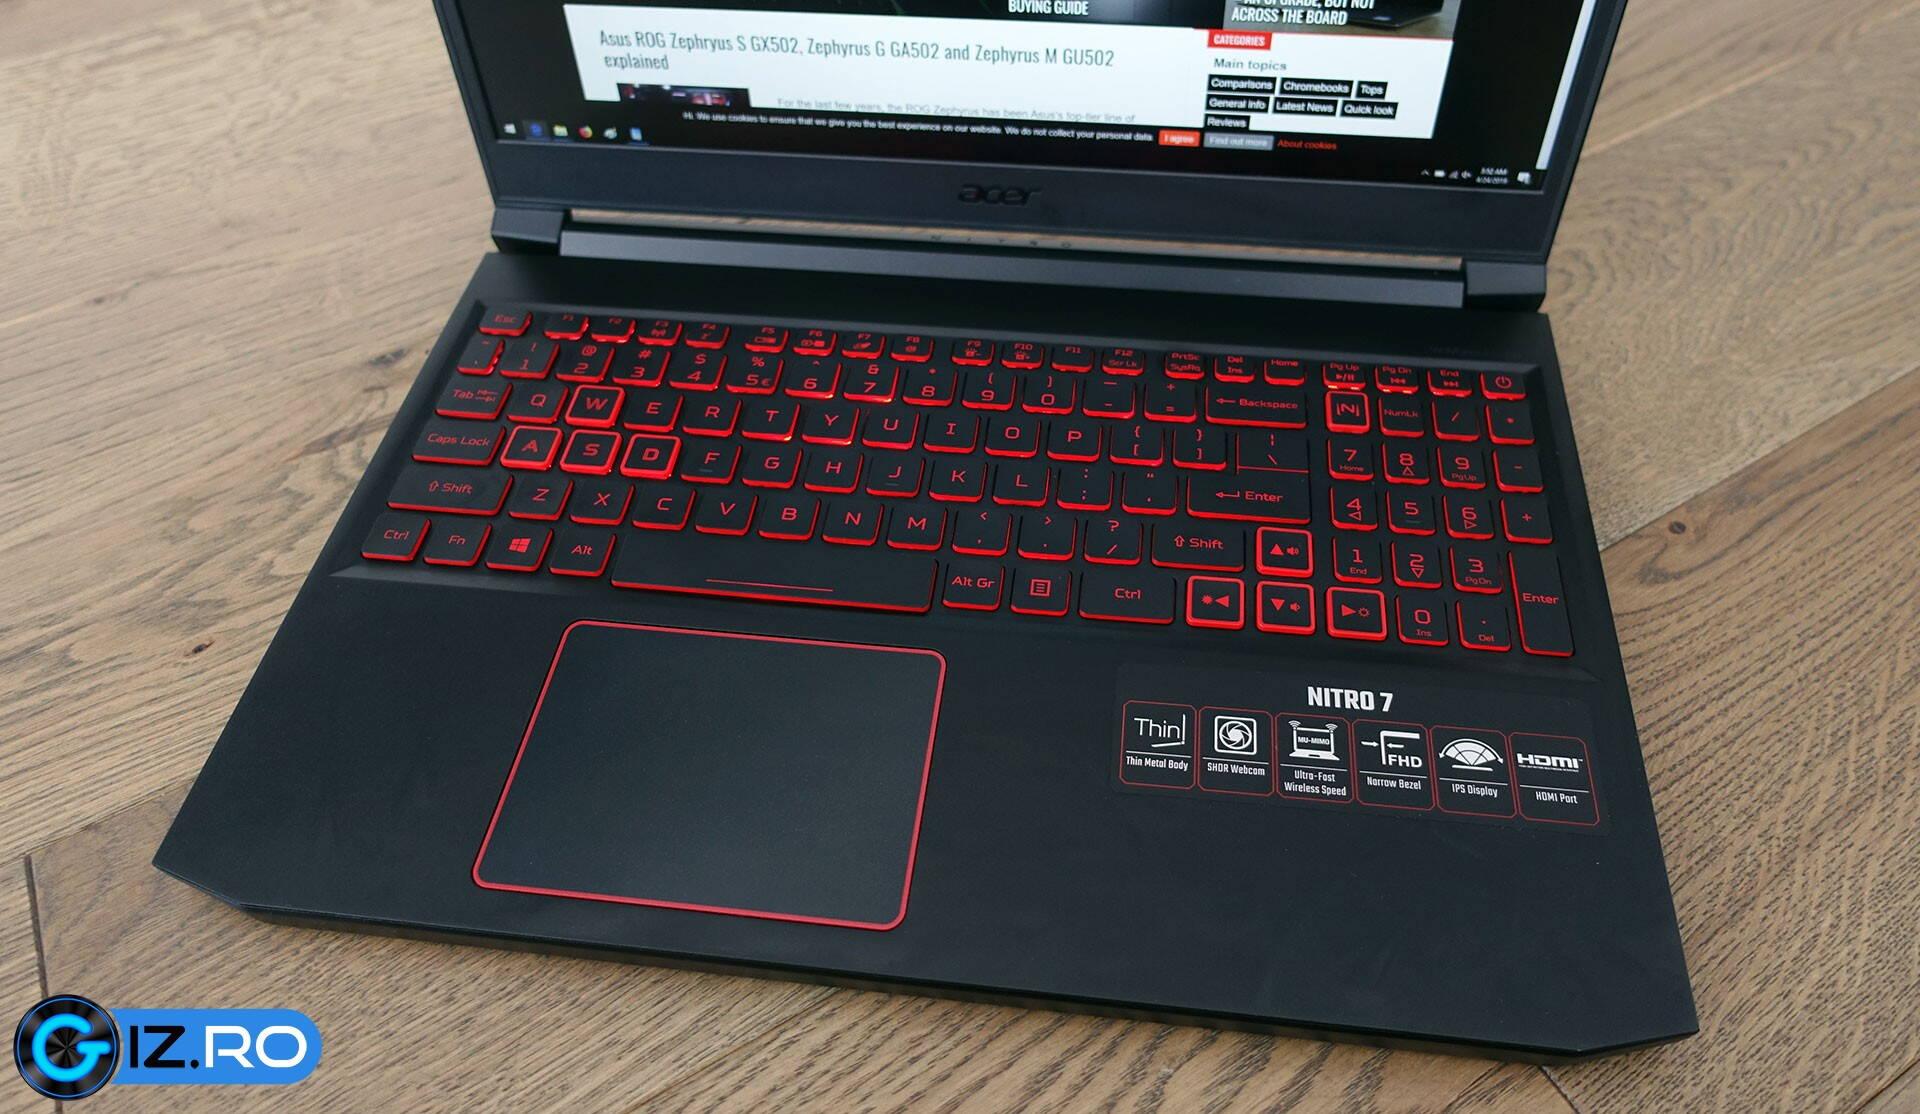 scoate grăsimea de pe laptop pierdeți în greutate în siguranță într-o săptămână